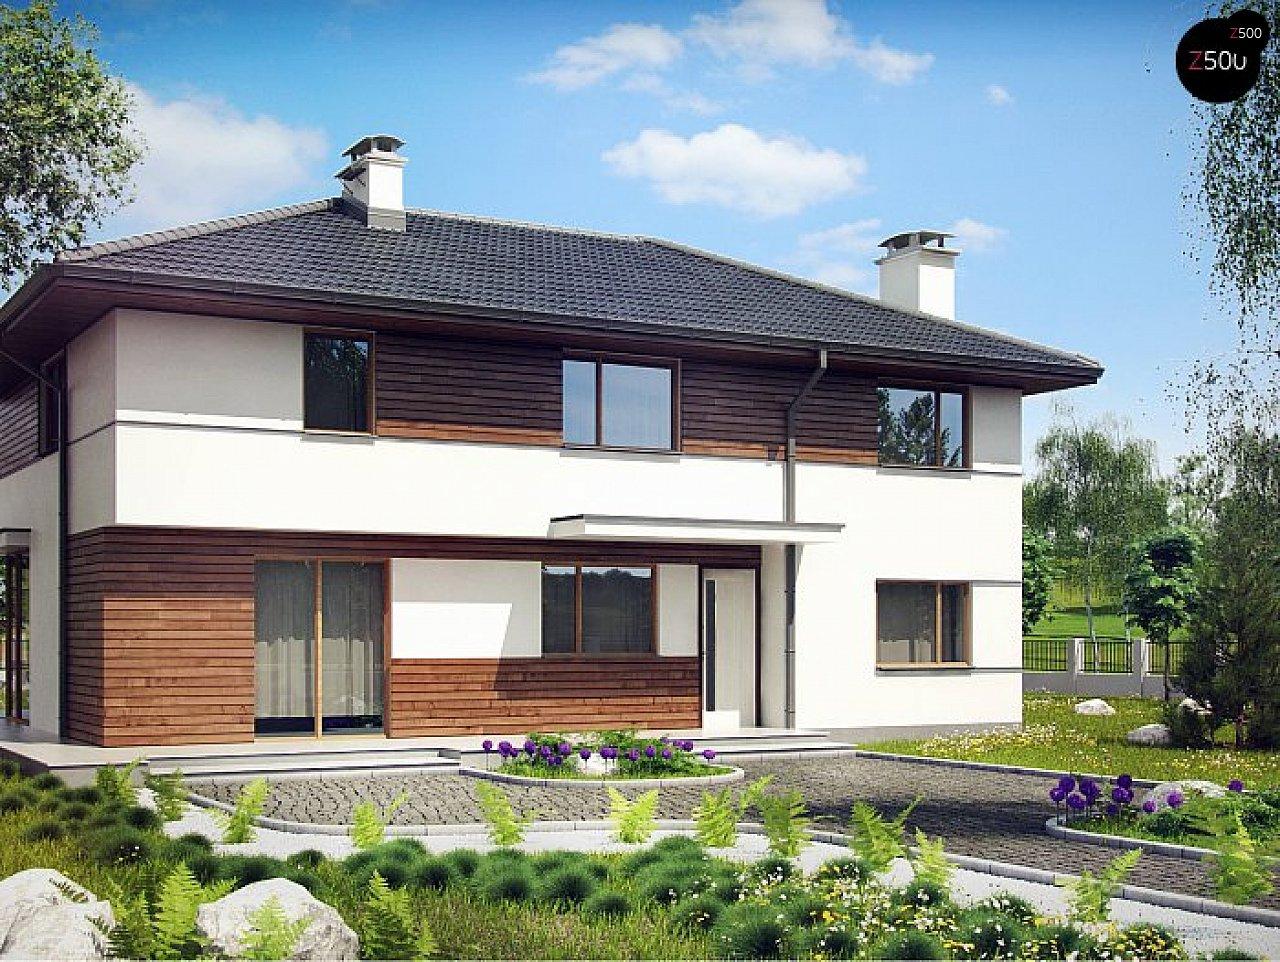 Вариант Z159 просторного двухэтажного дома с плитами перекрытия 1